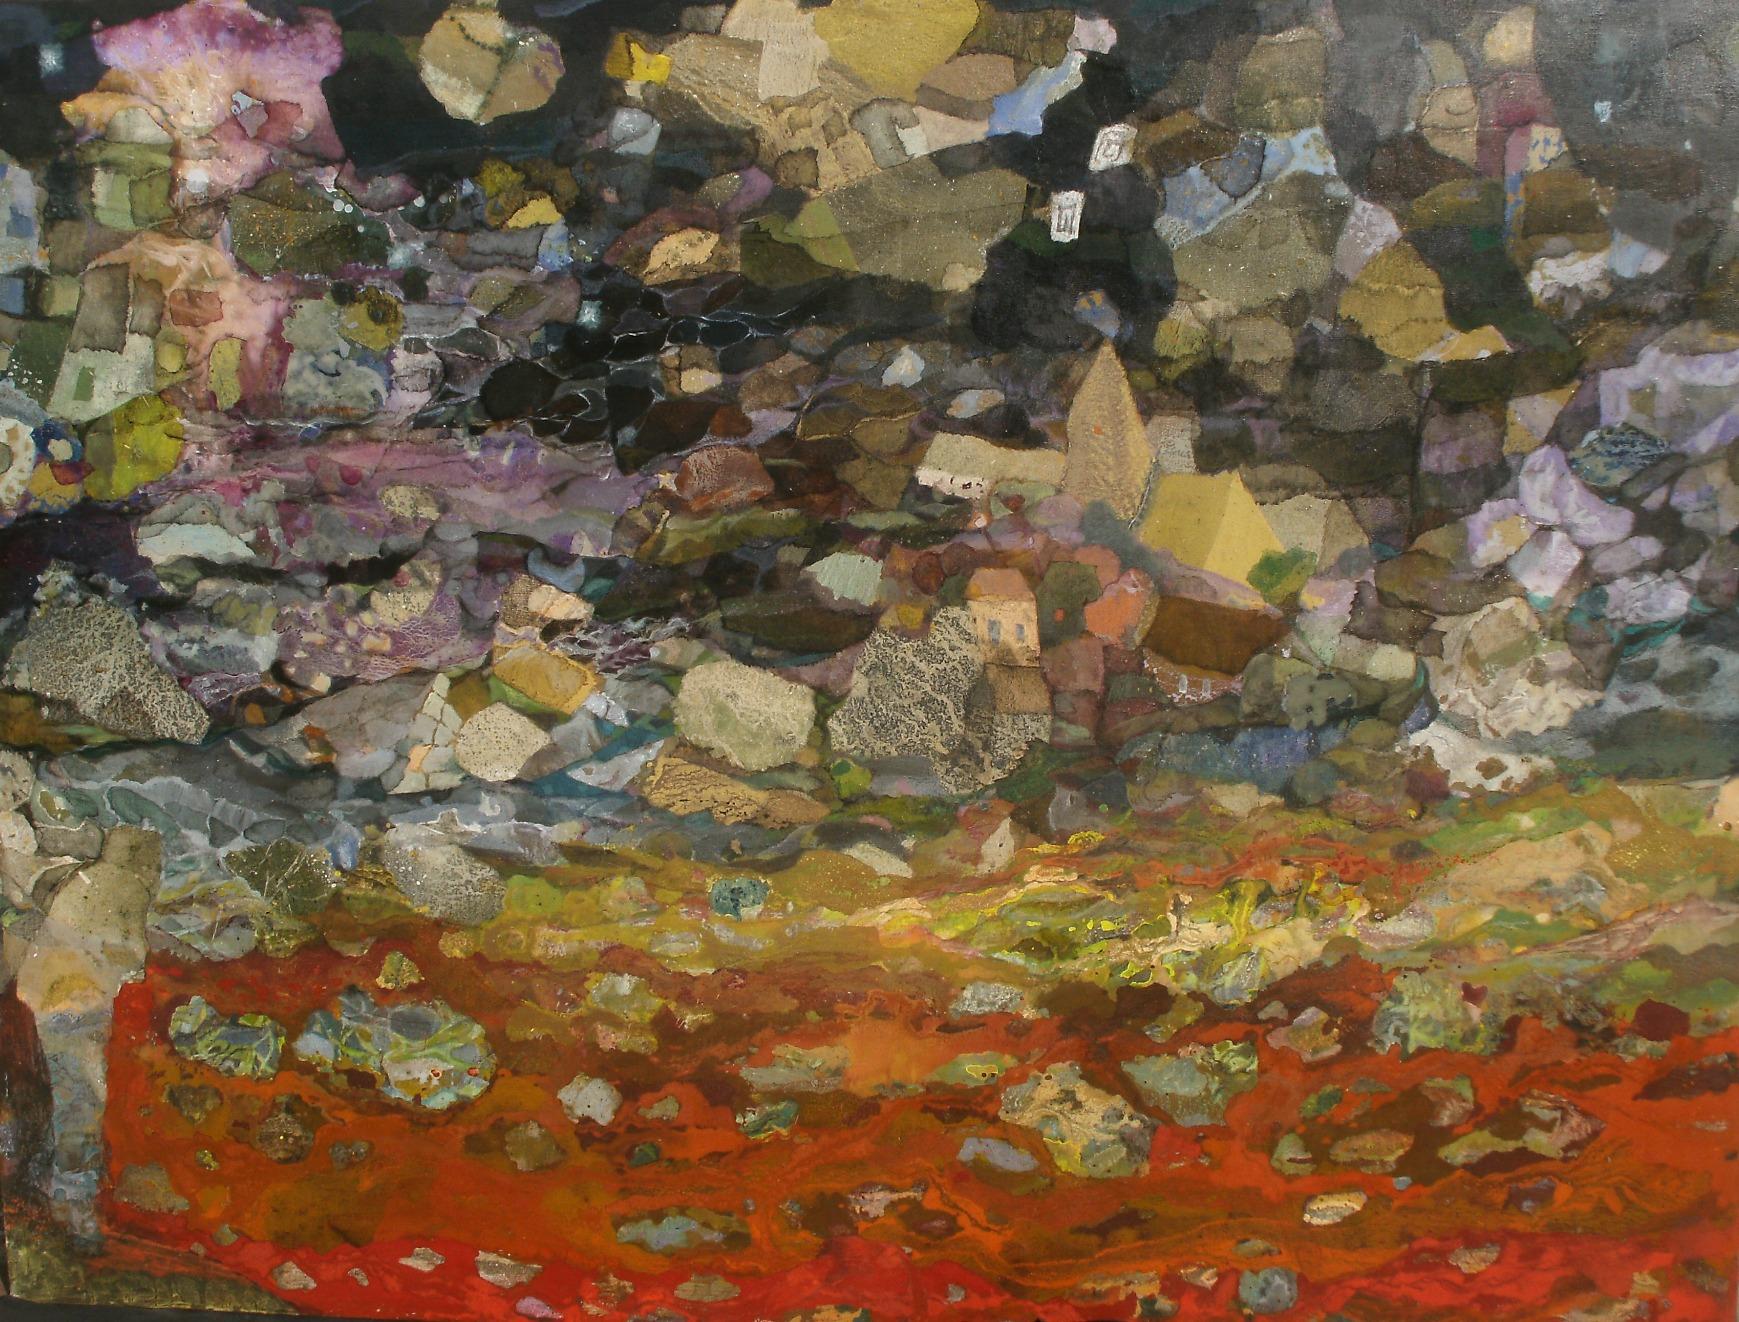 Scène de nuit - 130*97 cm - Cire sur toile - 2011